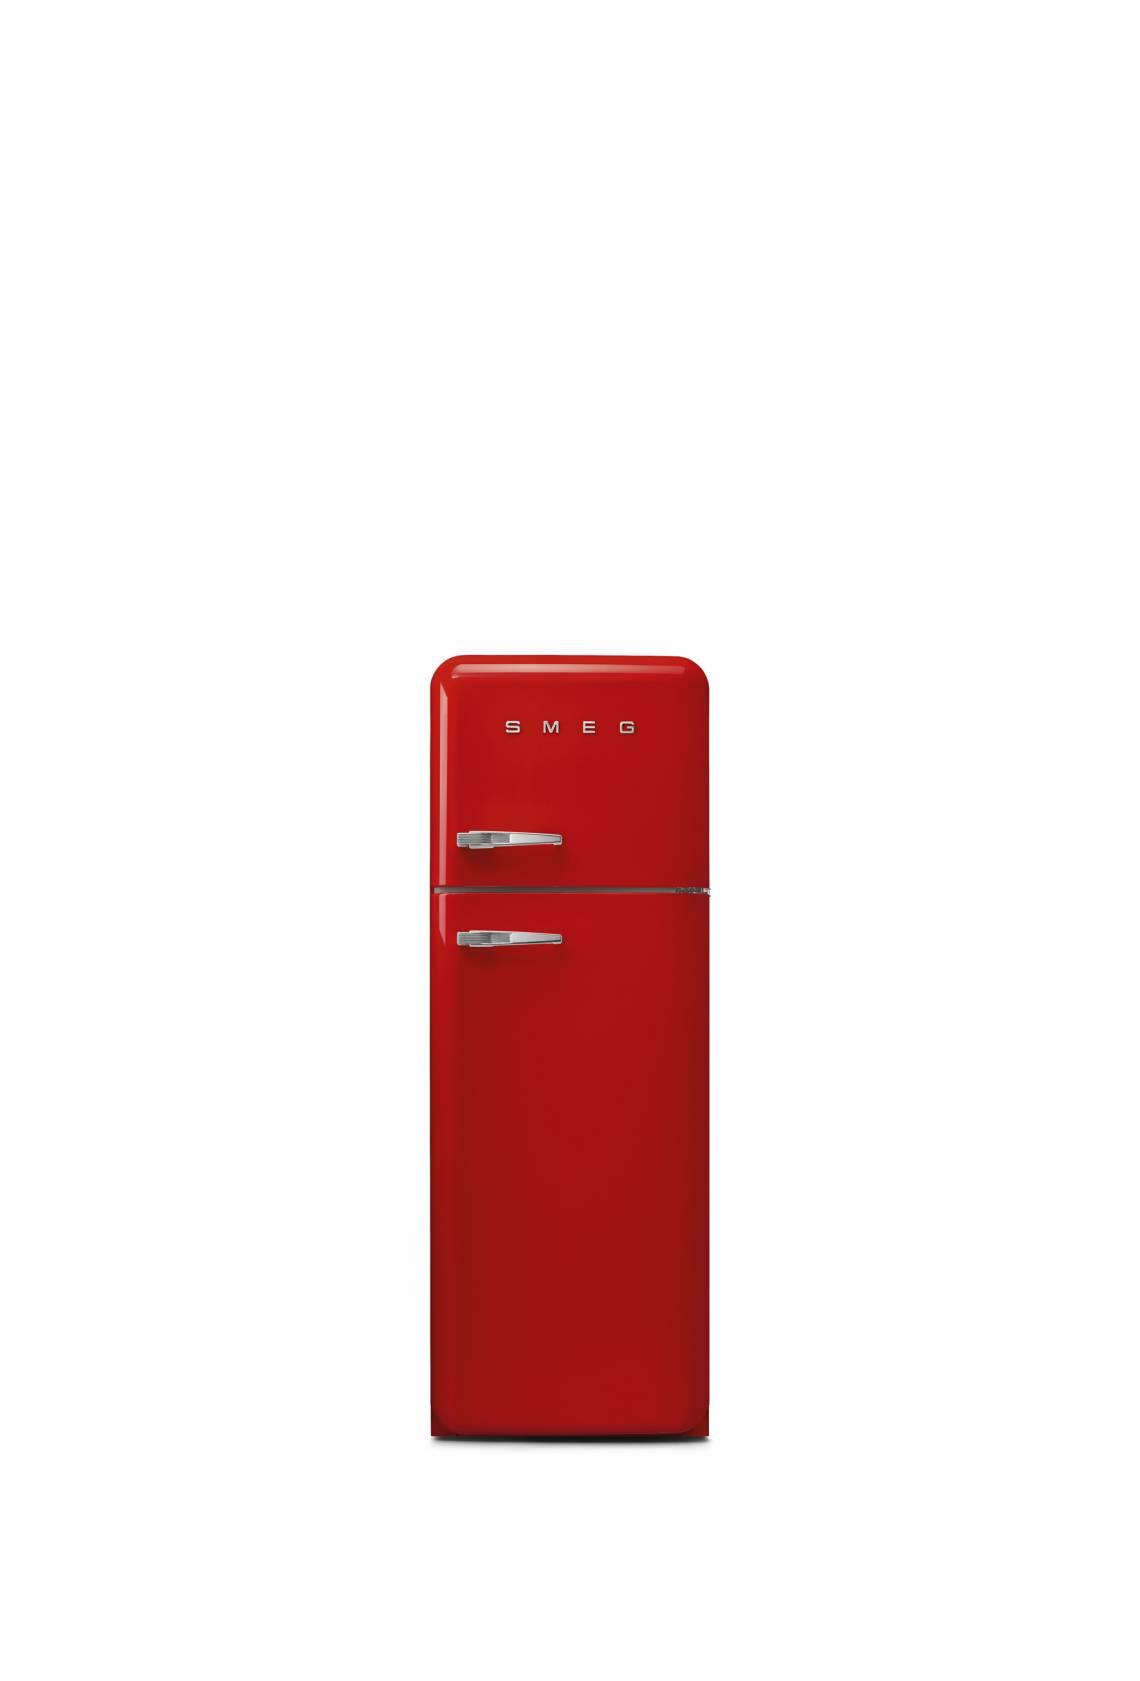 Smeg: Retro-Kühlschrank mit Gefrierteil FAB 30, rot